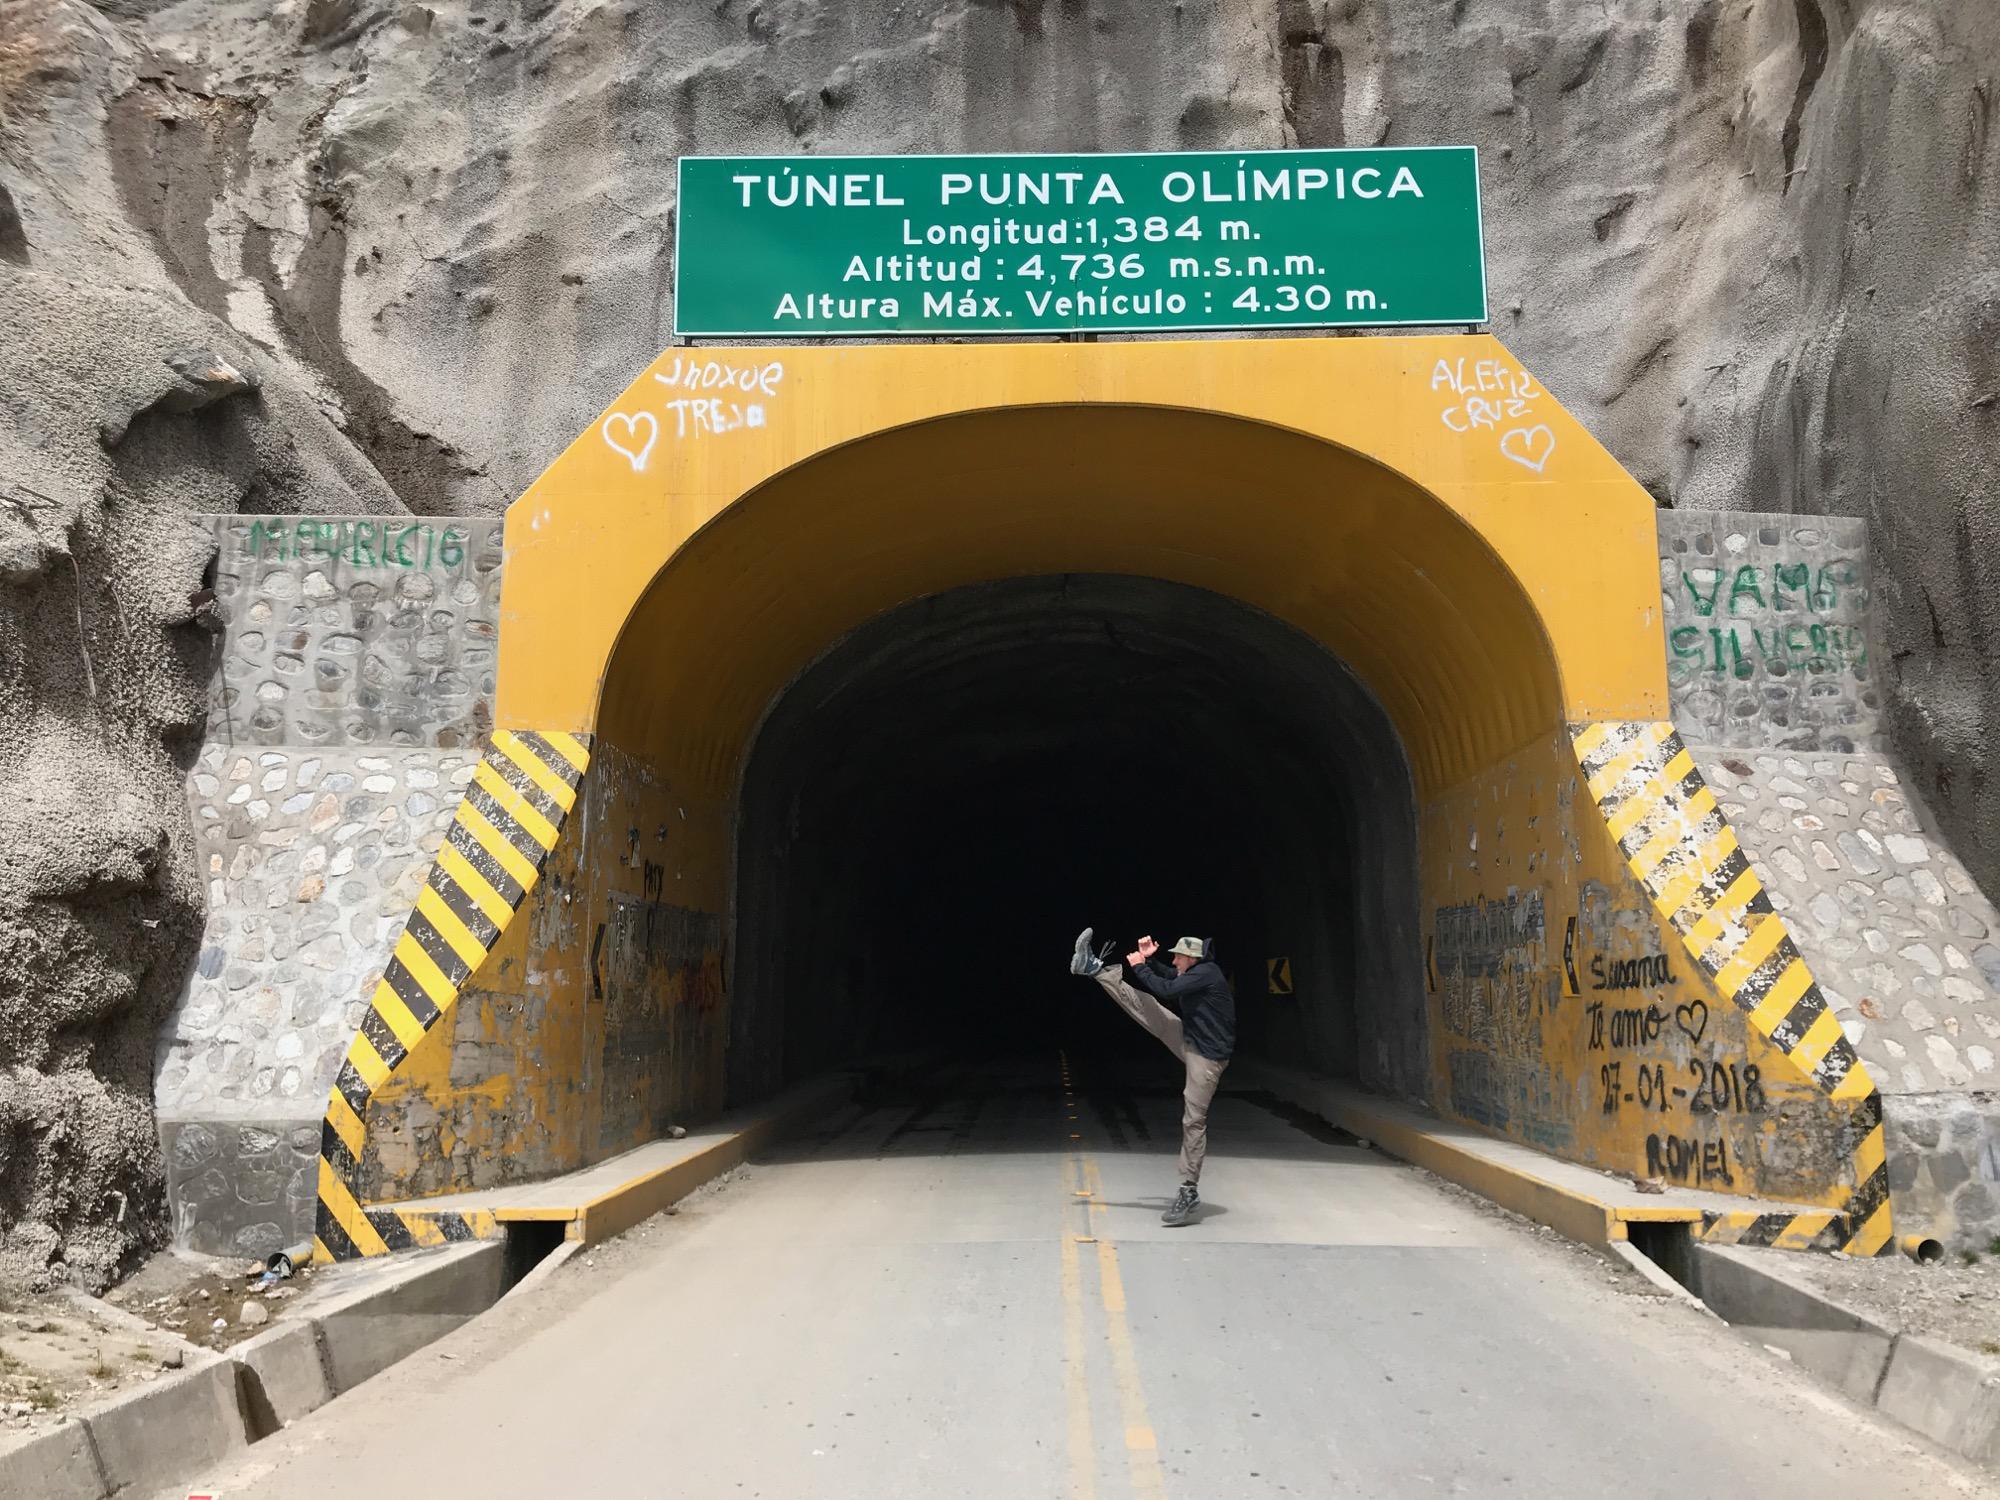 World's Highest Tunnel, Peru (15,538 ft.)